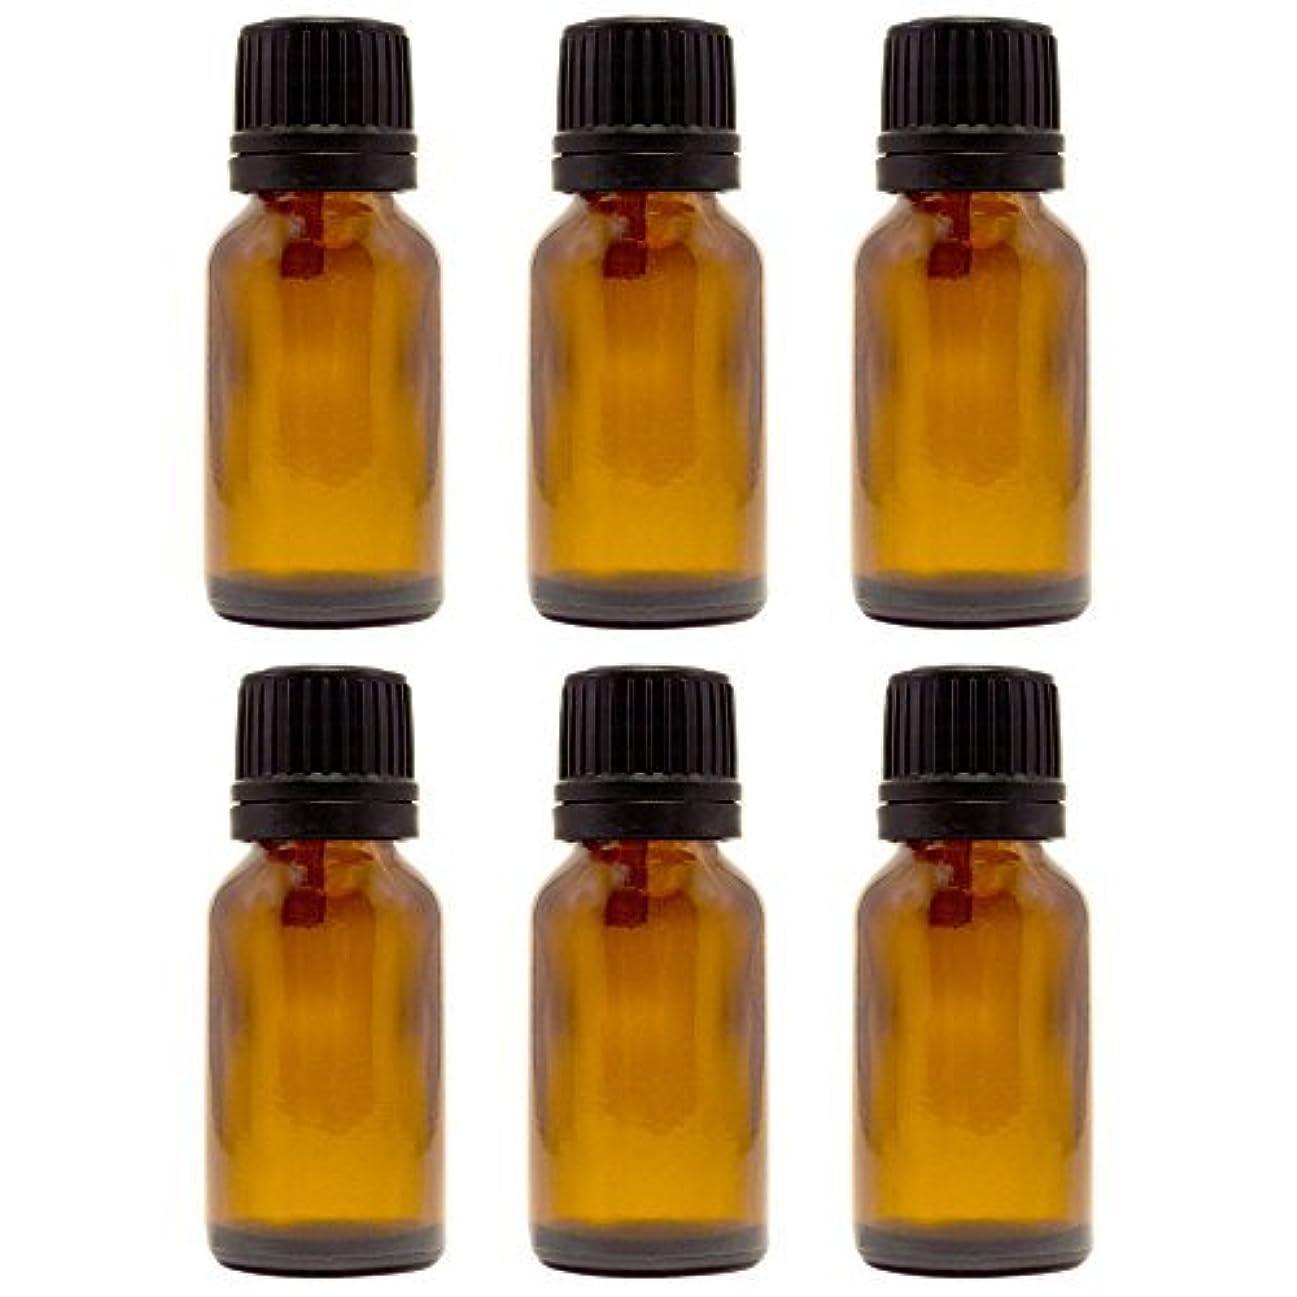 殺人者例示するフォーカス15 ml (1/2 fl oz) Amber Glass Bottle with Euro Dropper (6 Pack) [並行輸入品]